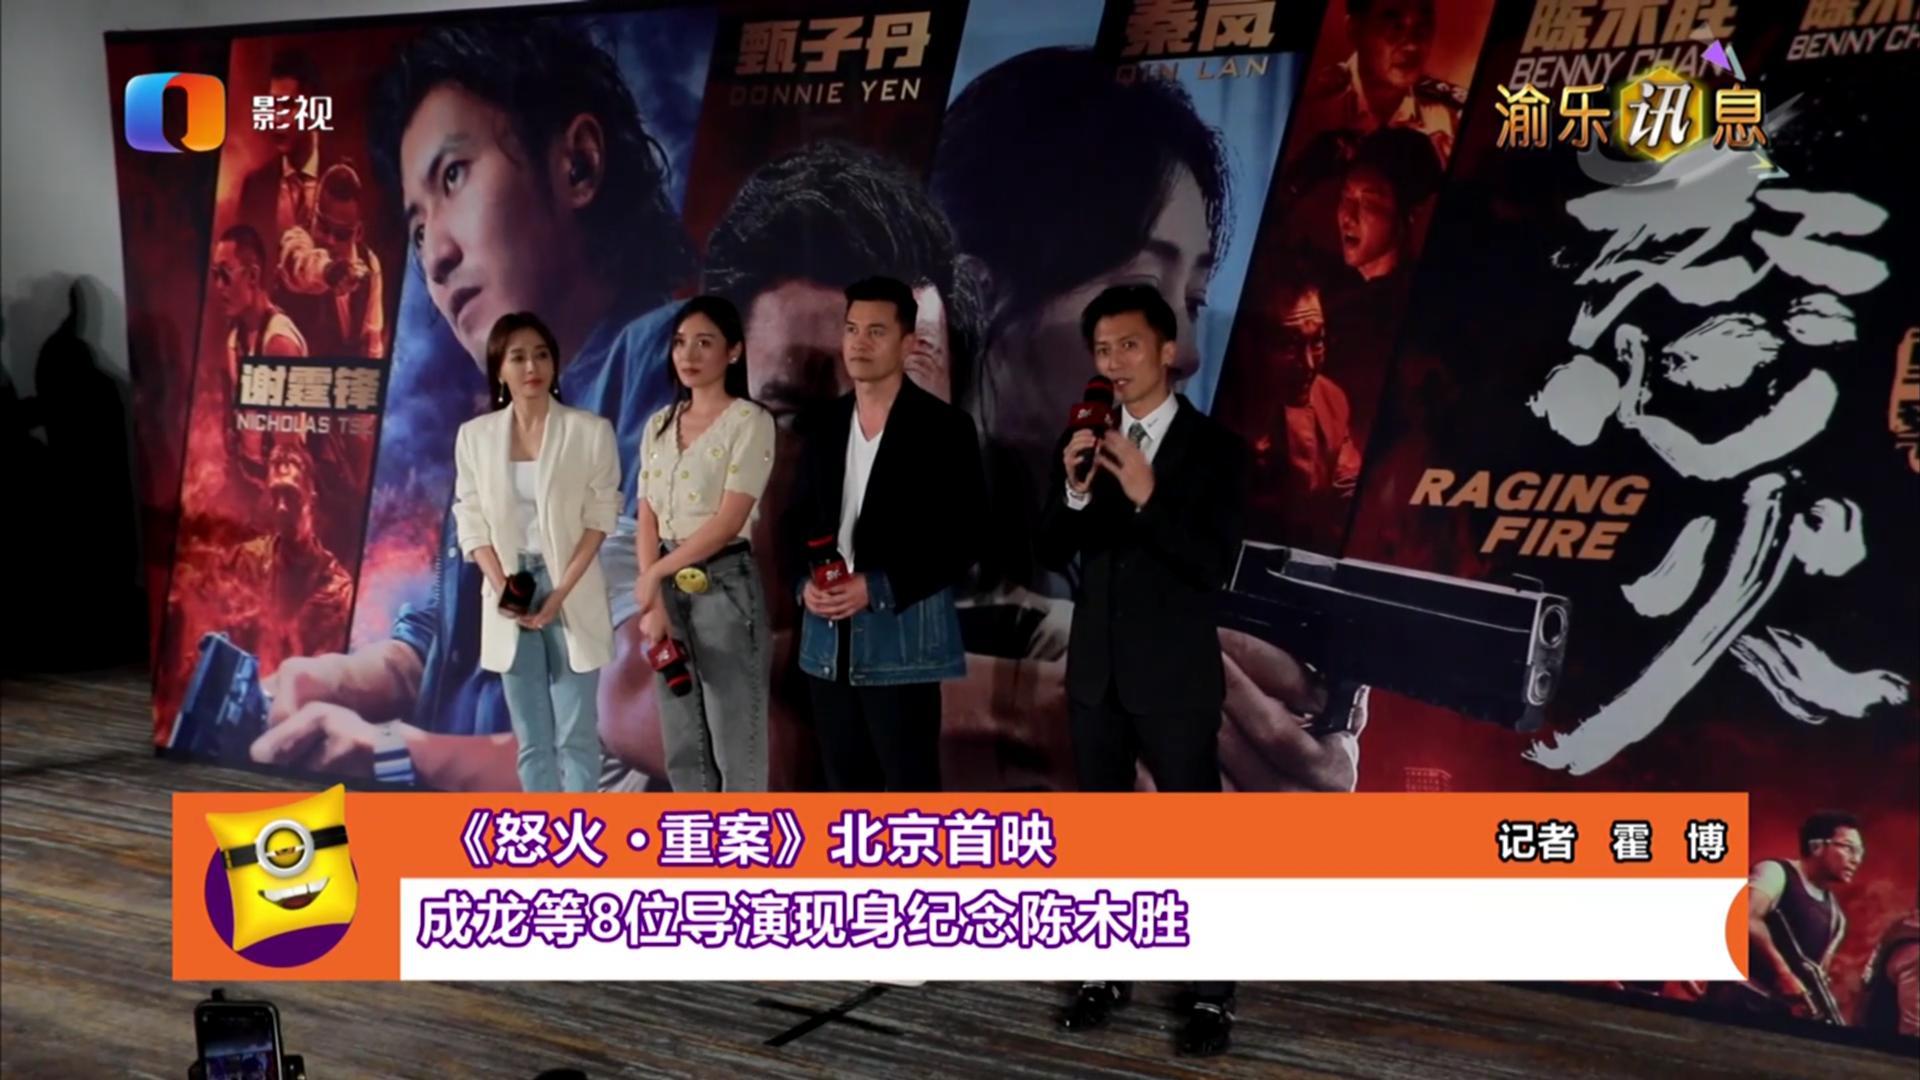 《怒火·重案》北京首映 成龙等8位导演现身纪念陈木胜